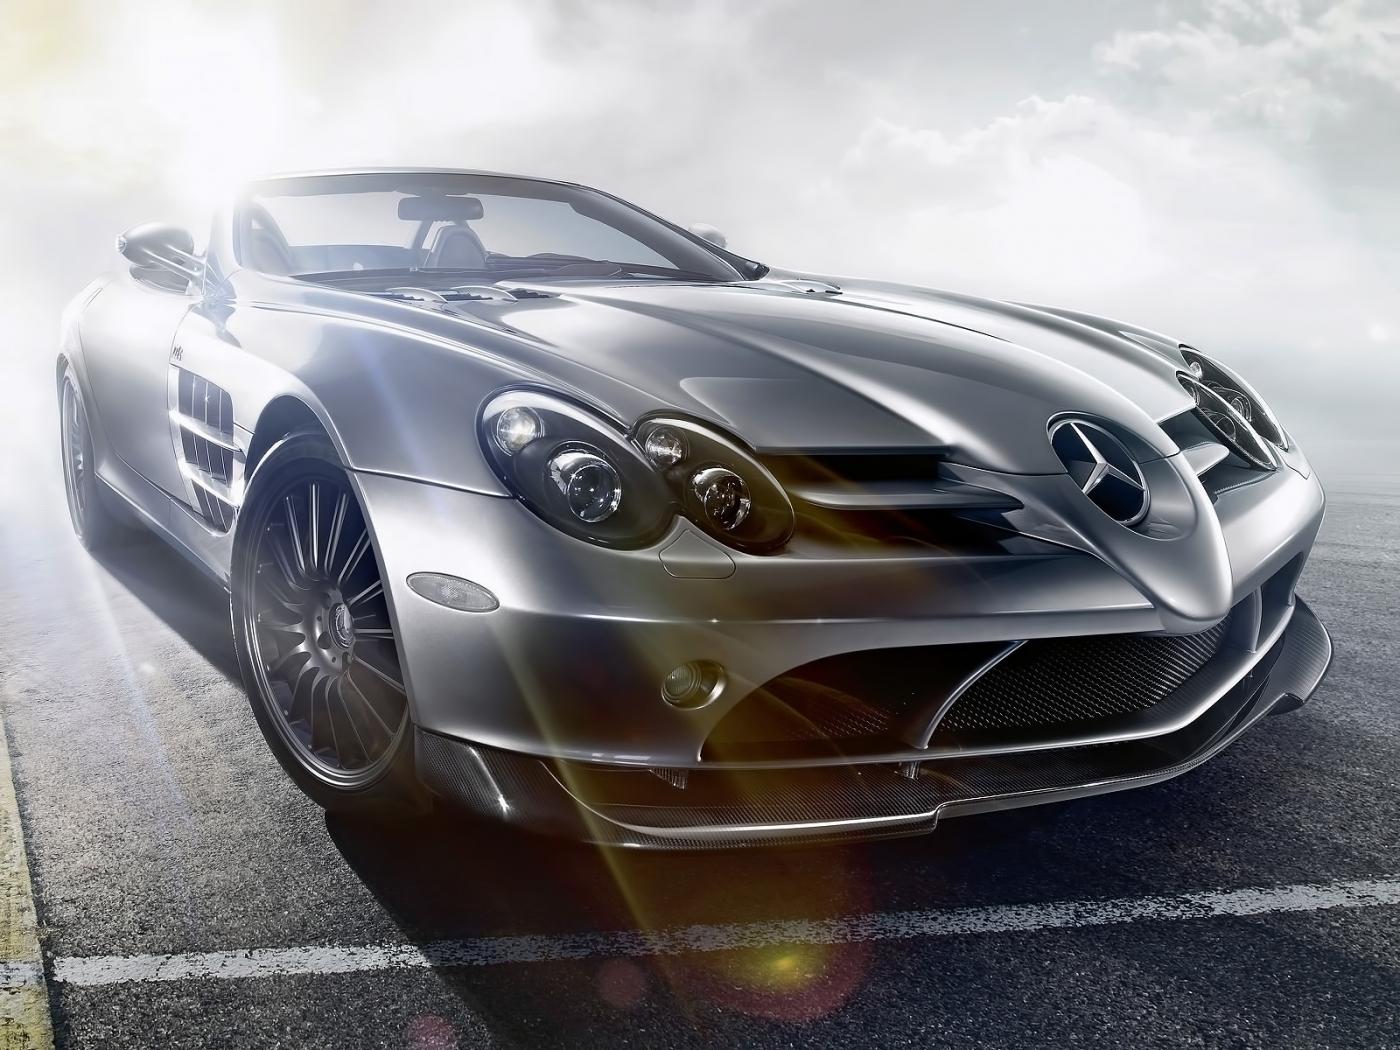 48056 скачать обои Транспорт, Машины, Мерседес (Mercedes) - заставки и картинки бесплатно